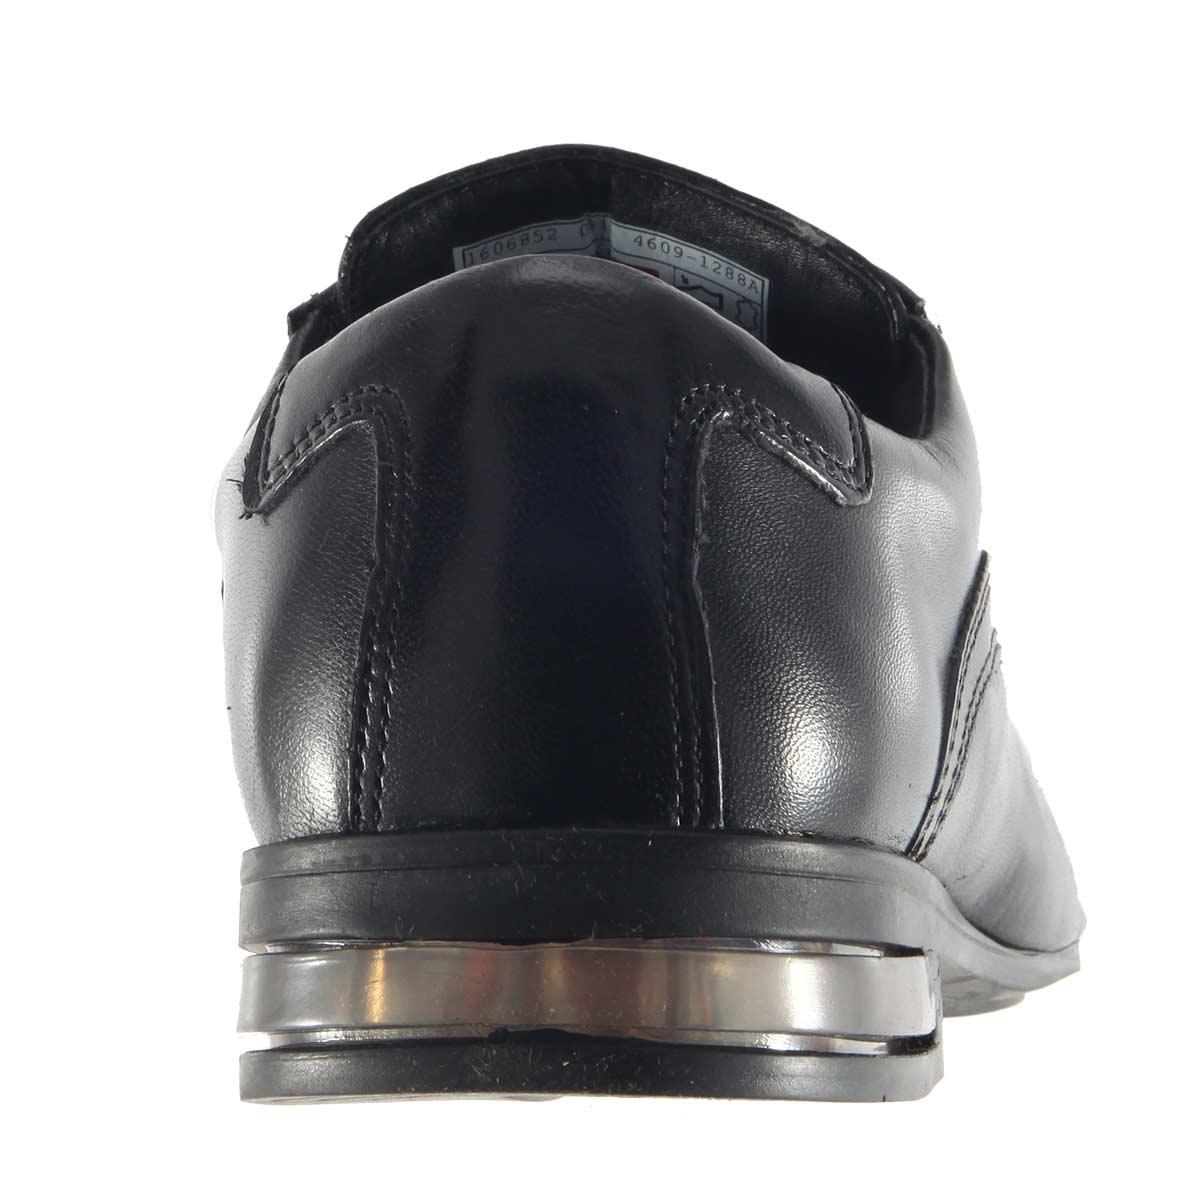 Sapato Ferracini Florença Cadarço Couro Amortecedor 4609-1288